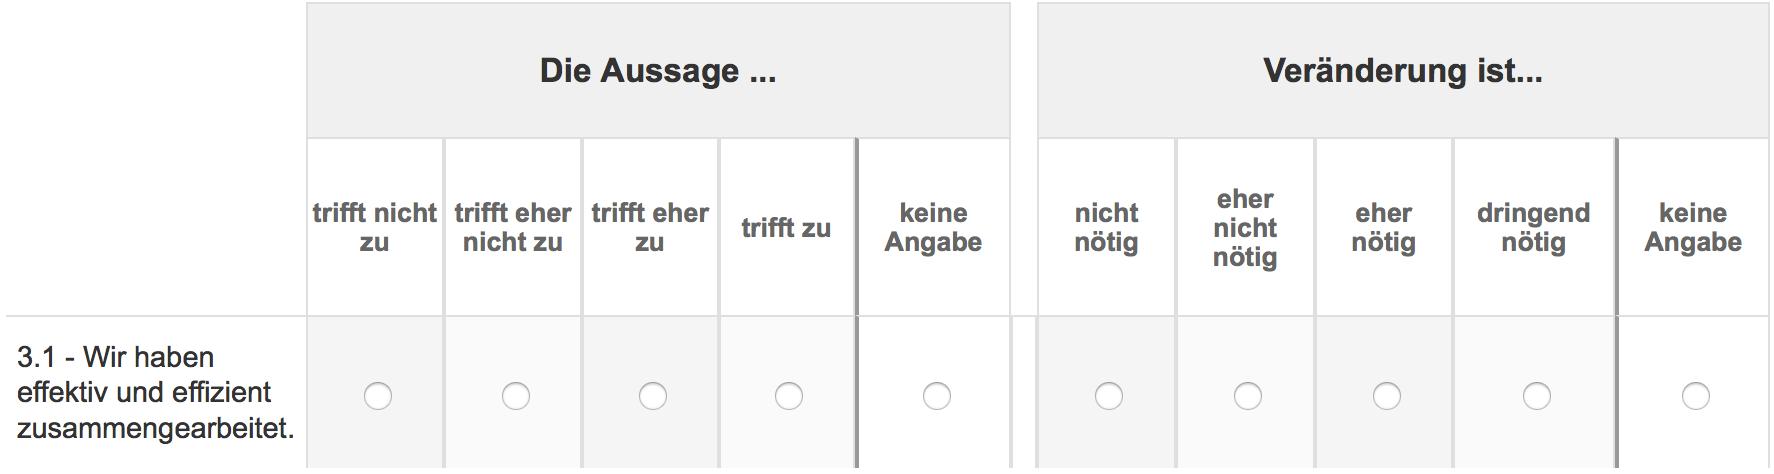 Screenshot Antwortskala Matrixfragen